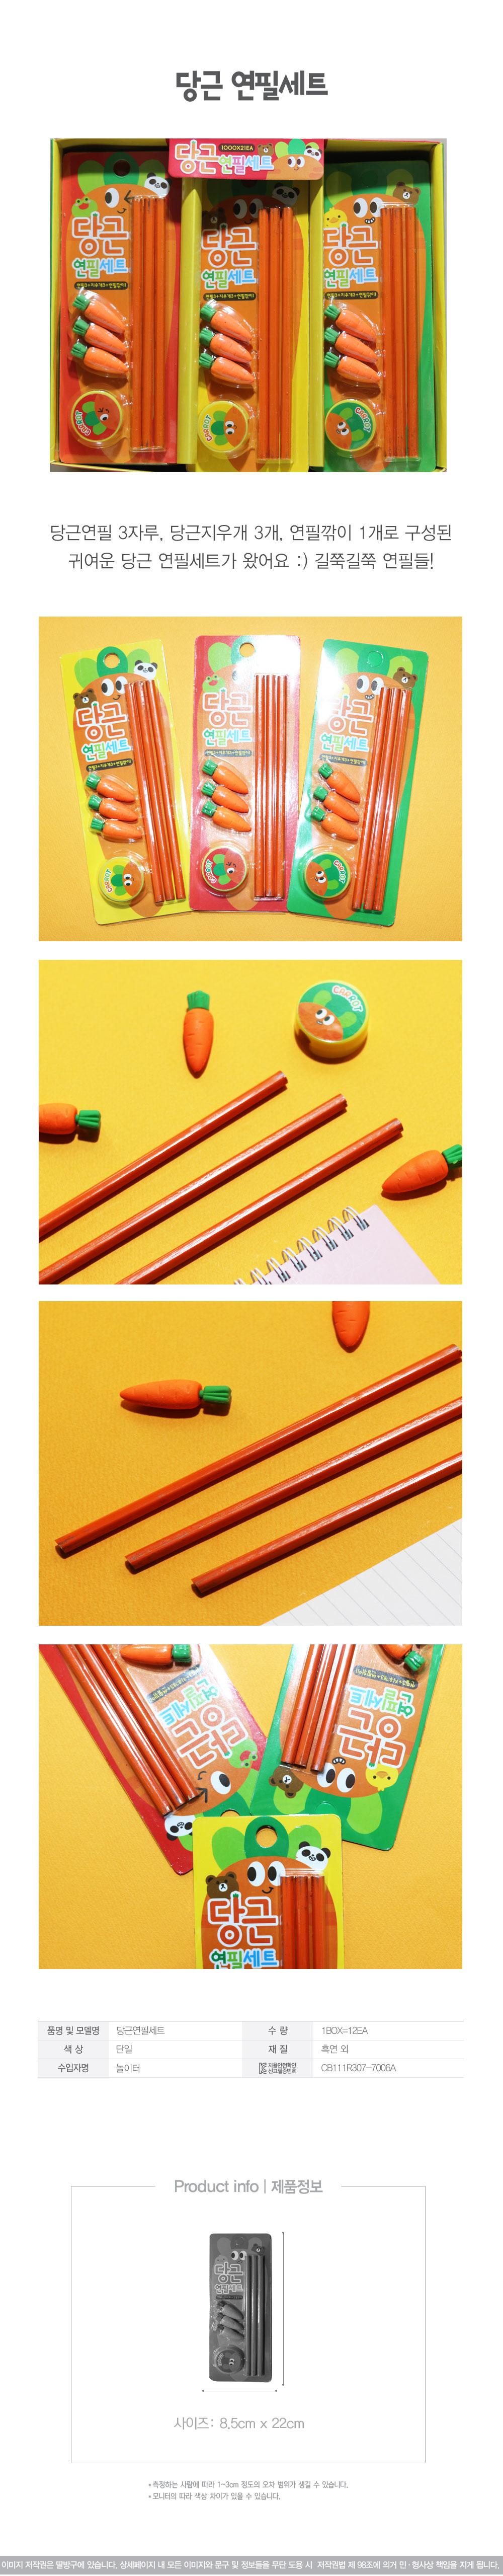 1000당근연필세트BOX11,900원-아트윈디자인문구, 필기류, 연필, 베이직연필바보사랑1000당근연필세트BOX11,900원-아트윈디자인문구, 필기류, 연필, 베이직연필바보사랑